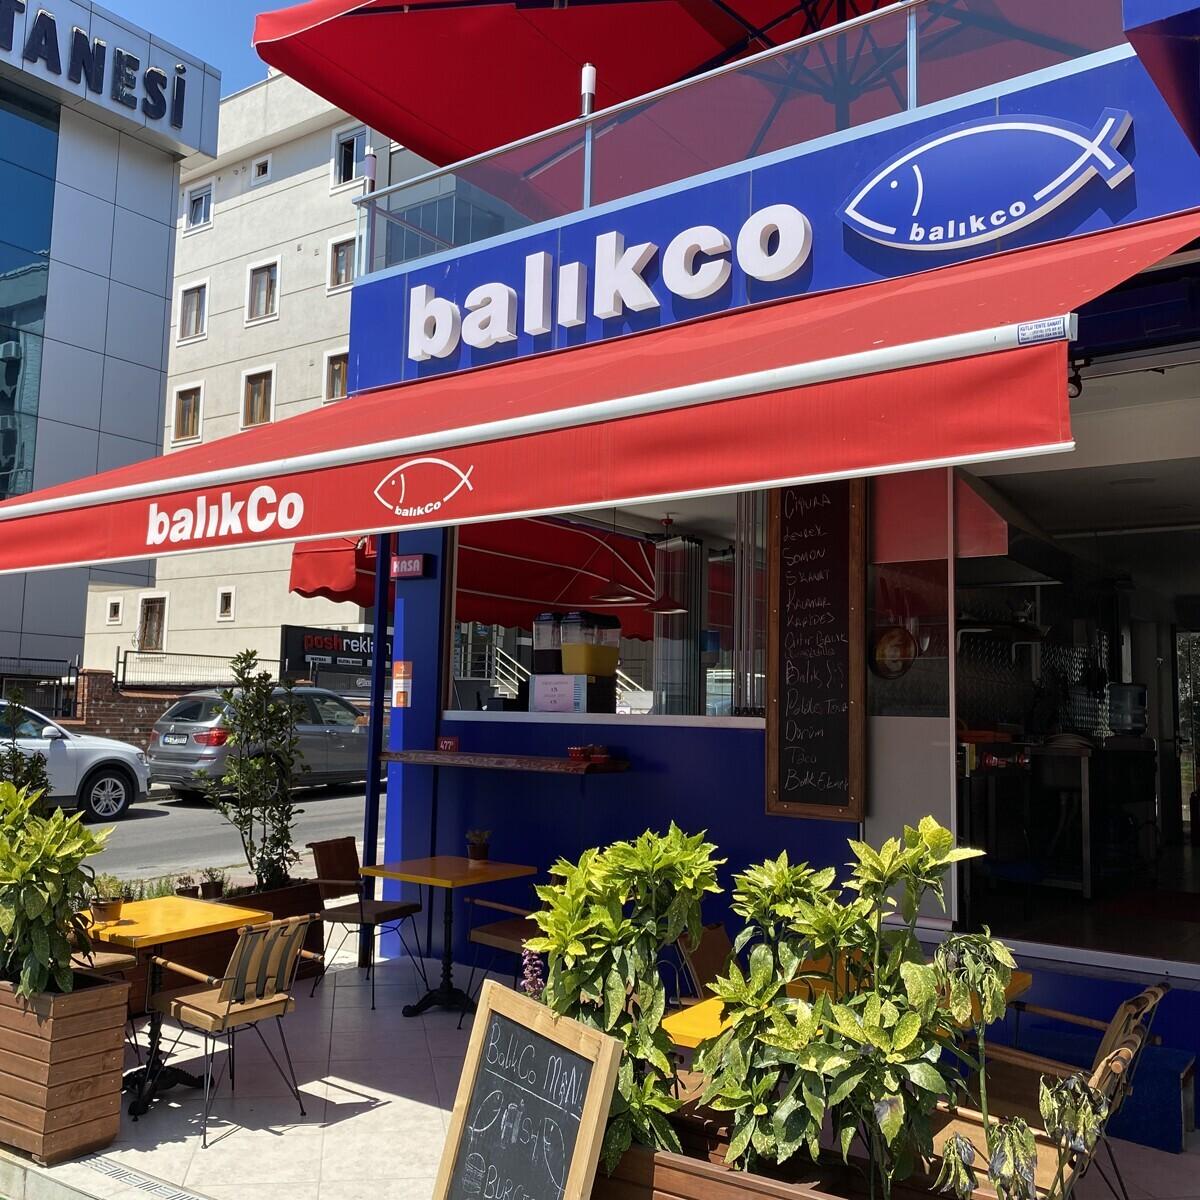 Maltepe BalıkCo'da Tadına Doyulmaz Balık Taco ve Balık Ekmek Menüleri